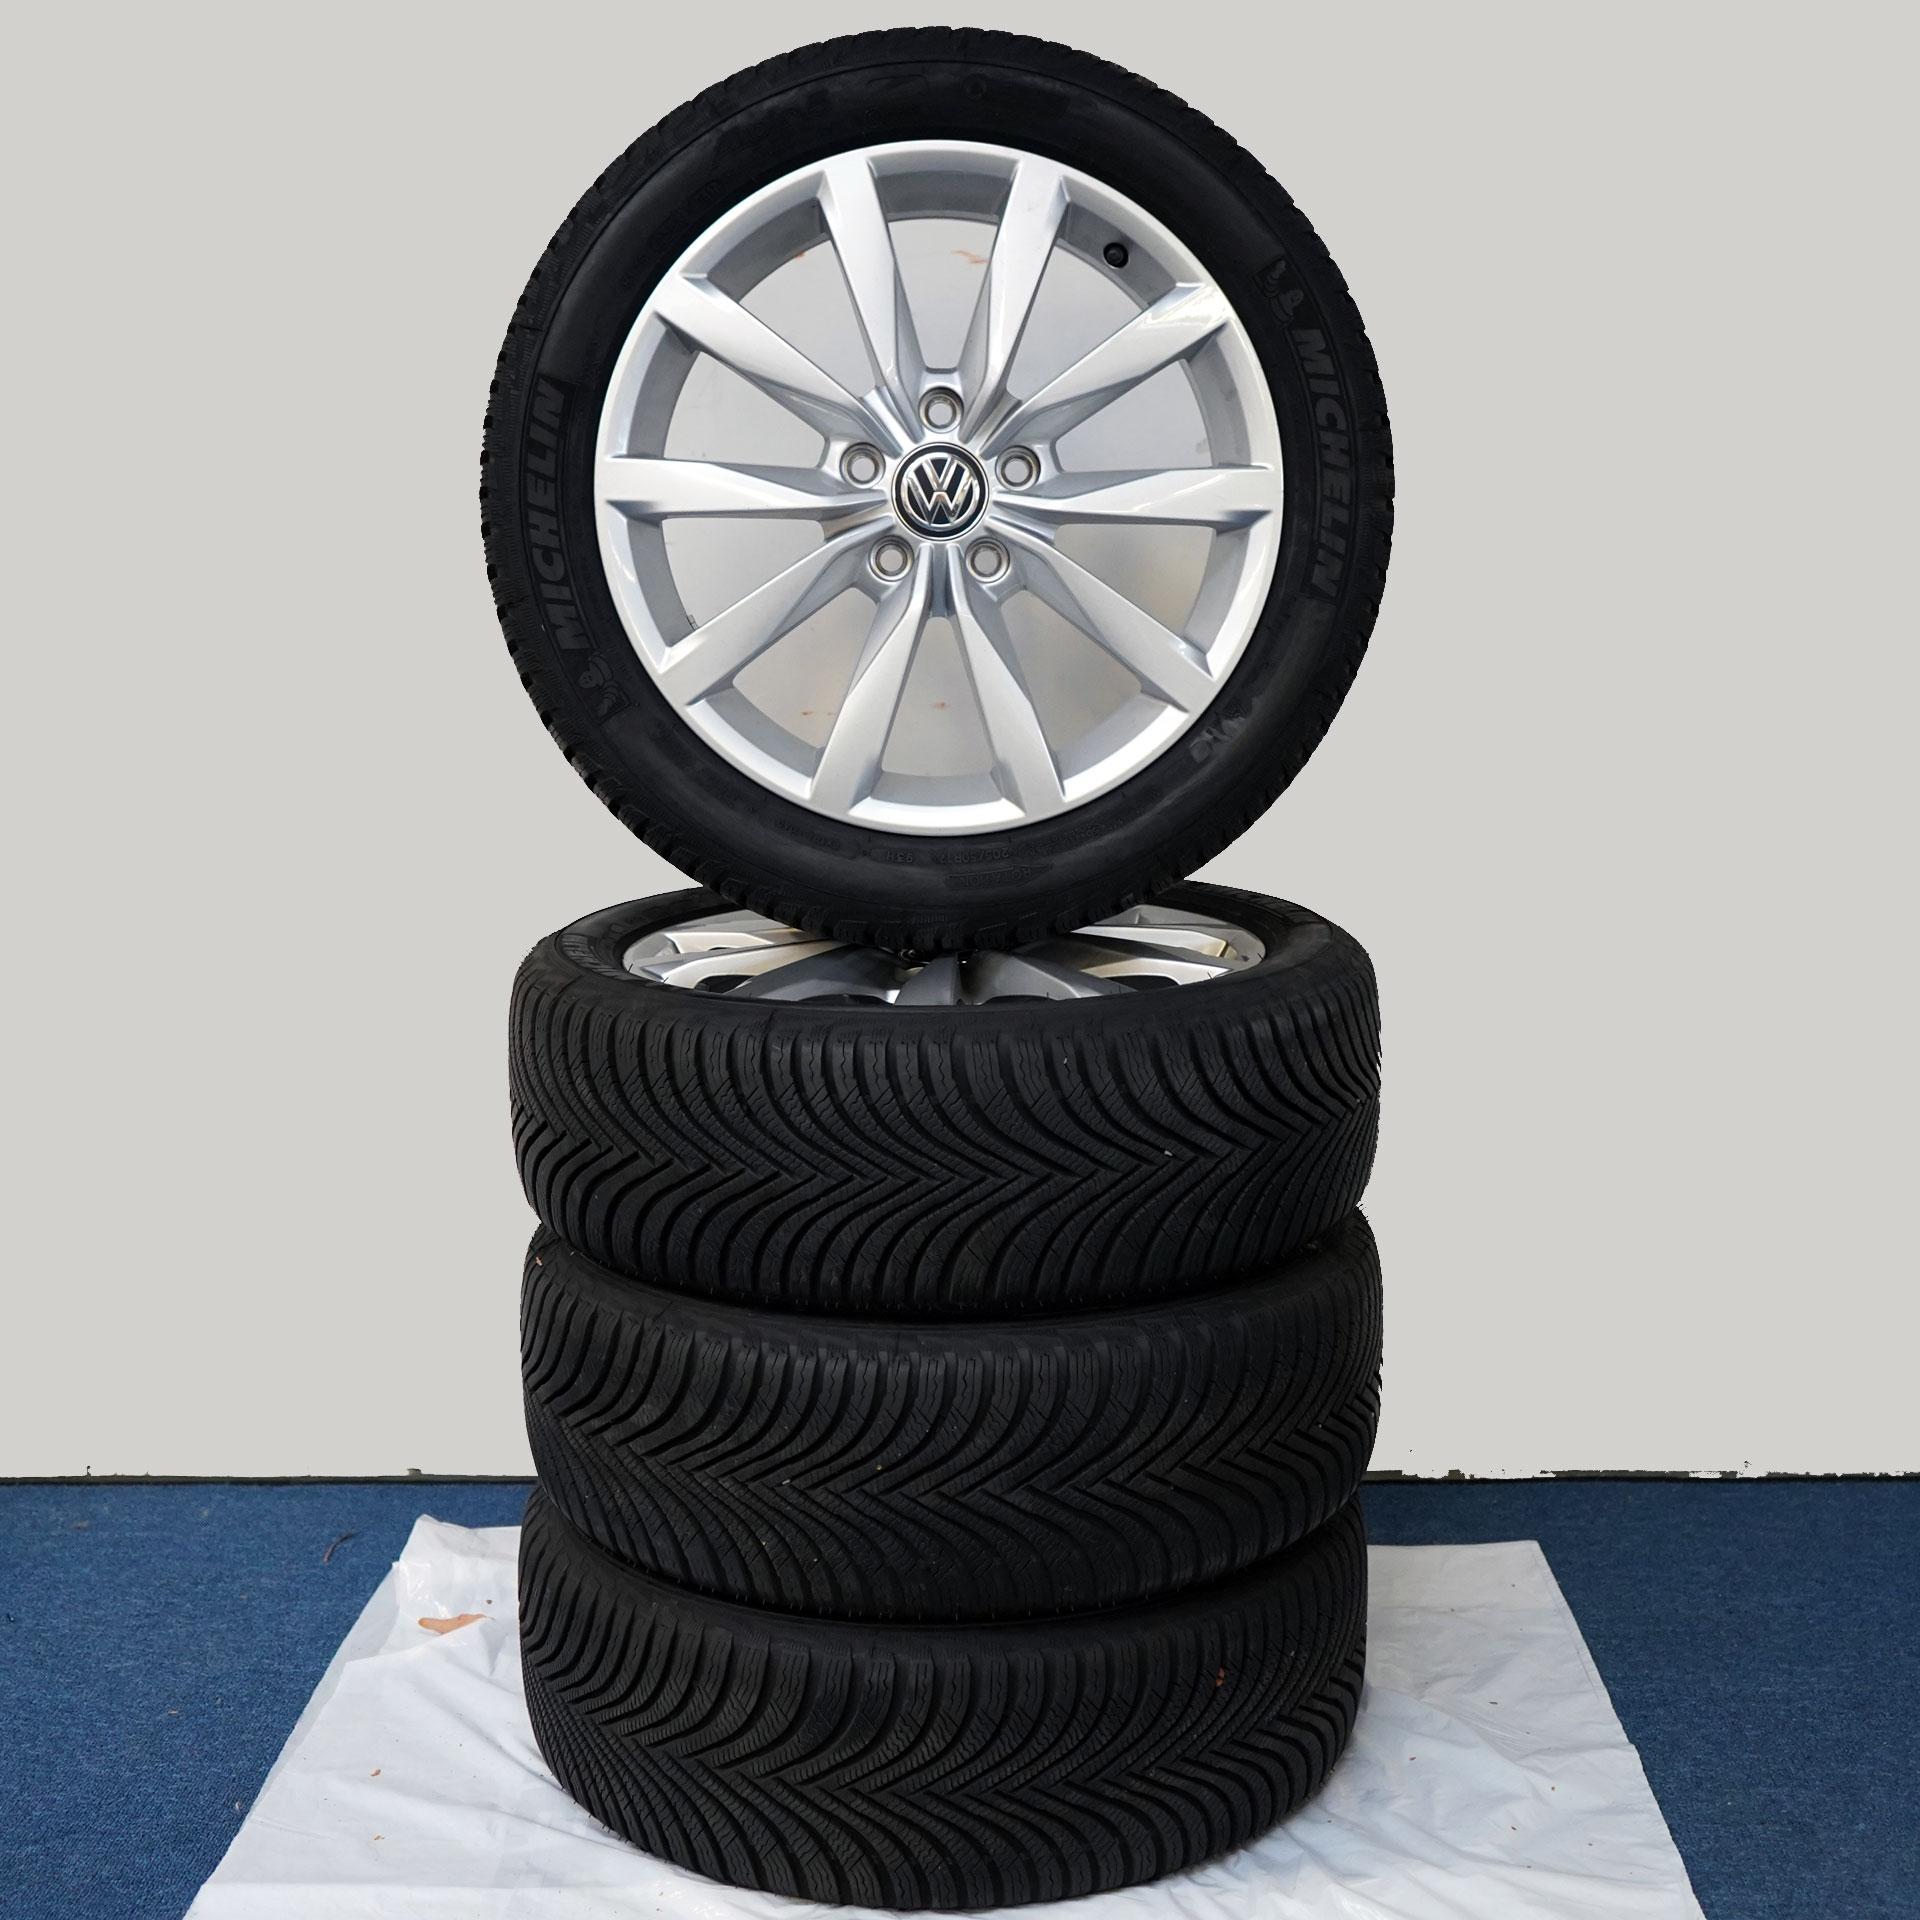 Gebrauchter 17 Zoll Original Volkswagen Winterkomplettrad-Satz VW Golf / Golf GTI Michelin